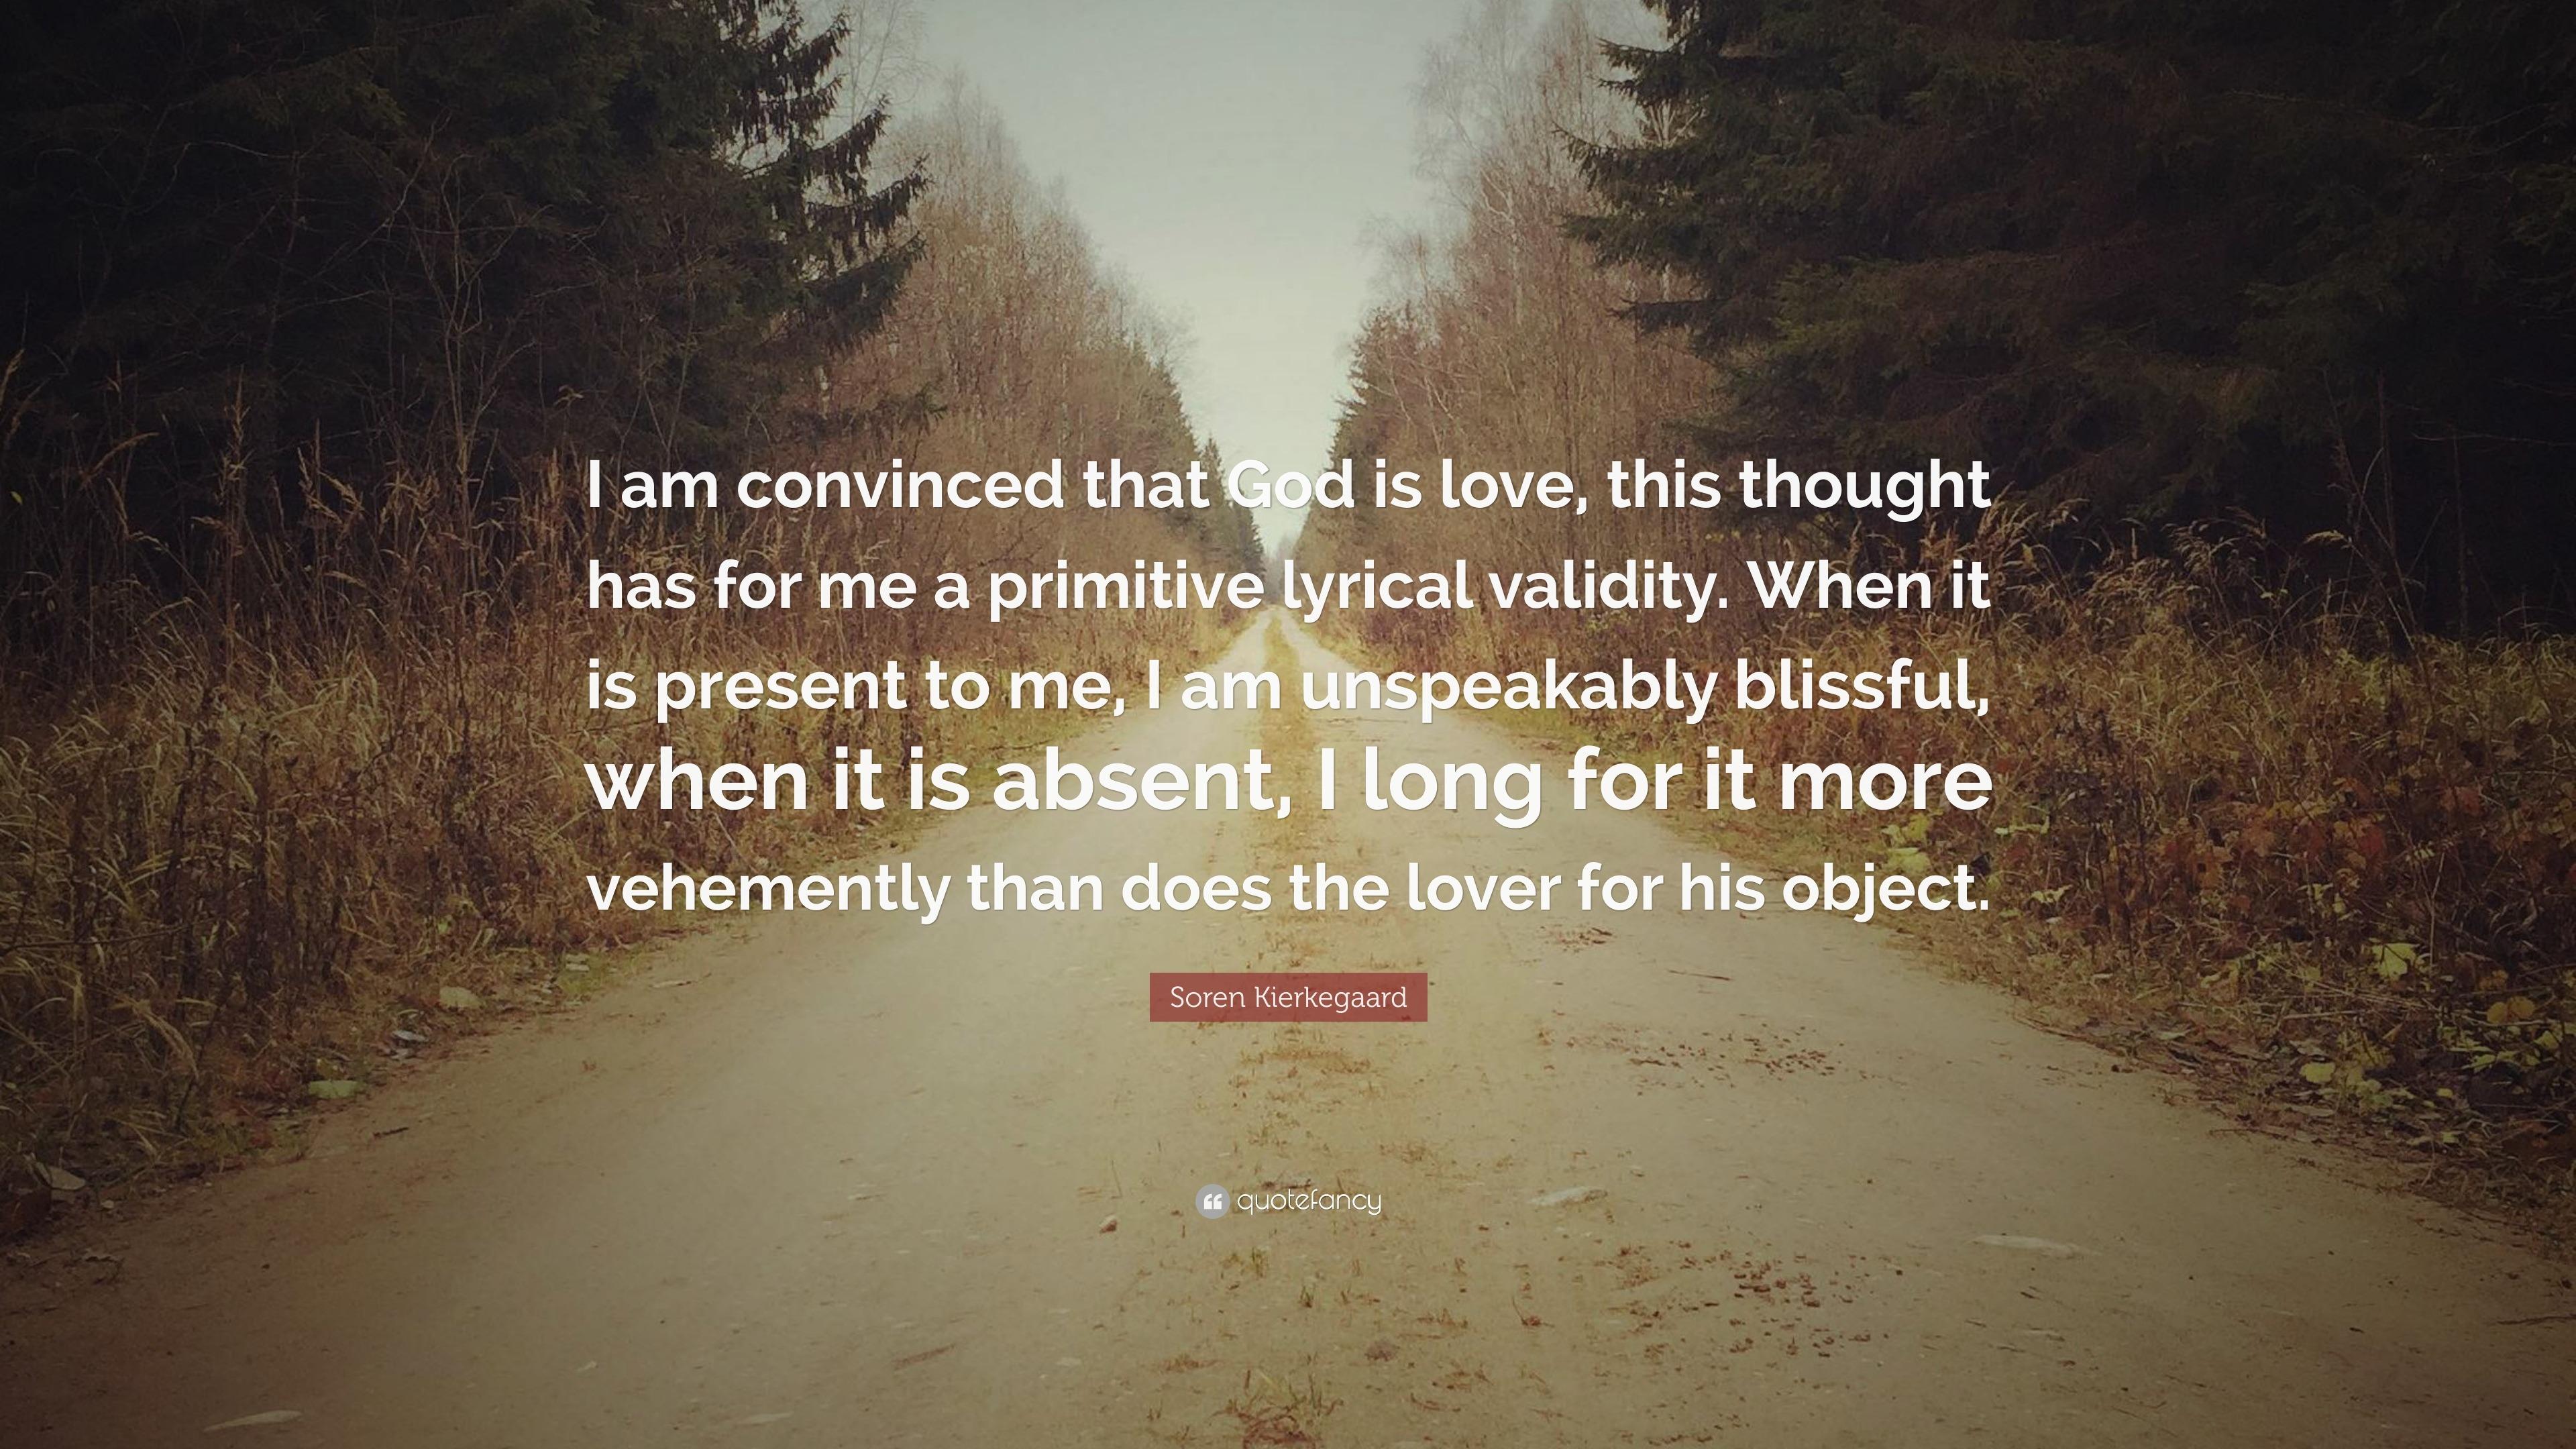 """Soren Kierkegaard Quotes 100 Wallpapers: Soren Kierkegaard Quote: """"I Am Convinced That God Is Love"""